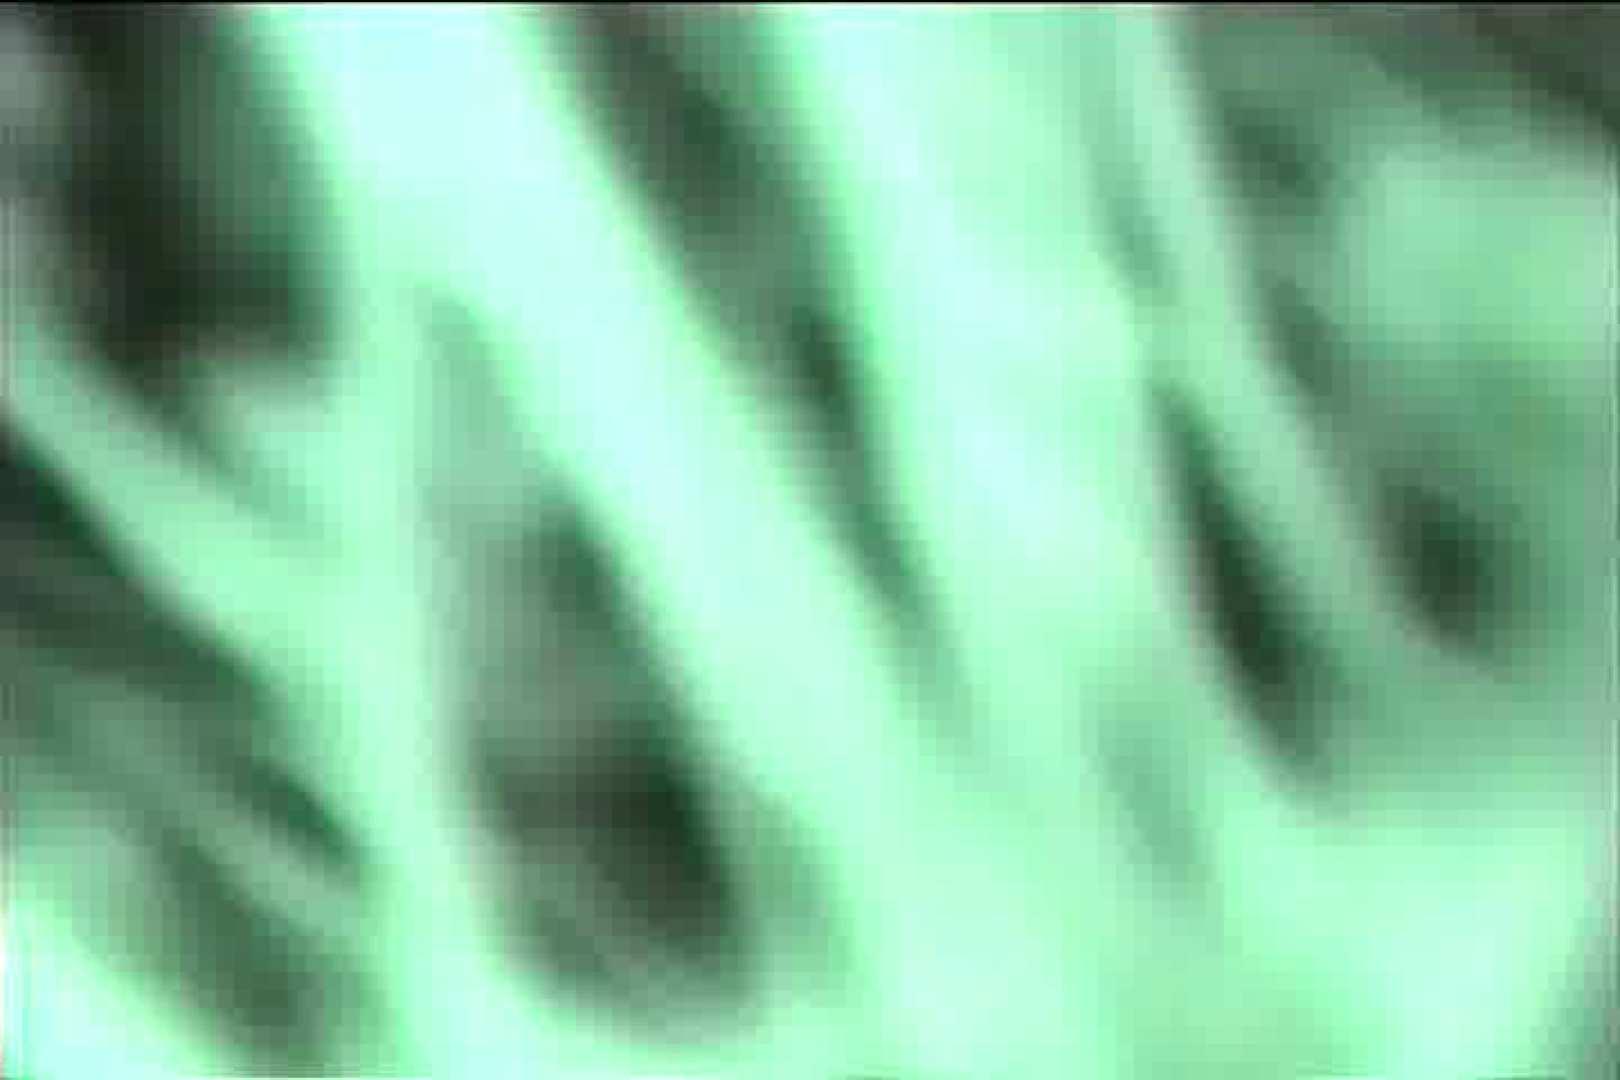 カーセックス未編集・無修正版 Vol.11 セックス おまんこ無修正動画無料 97pic 73